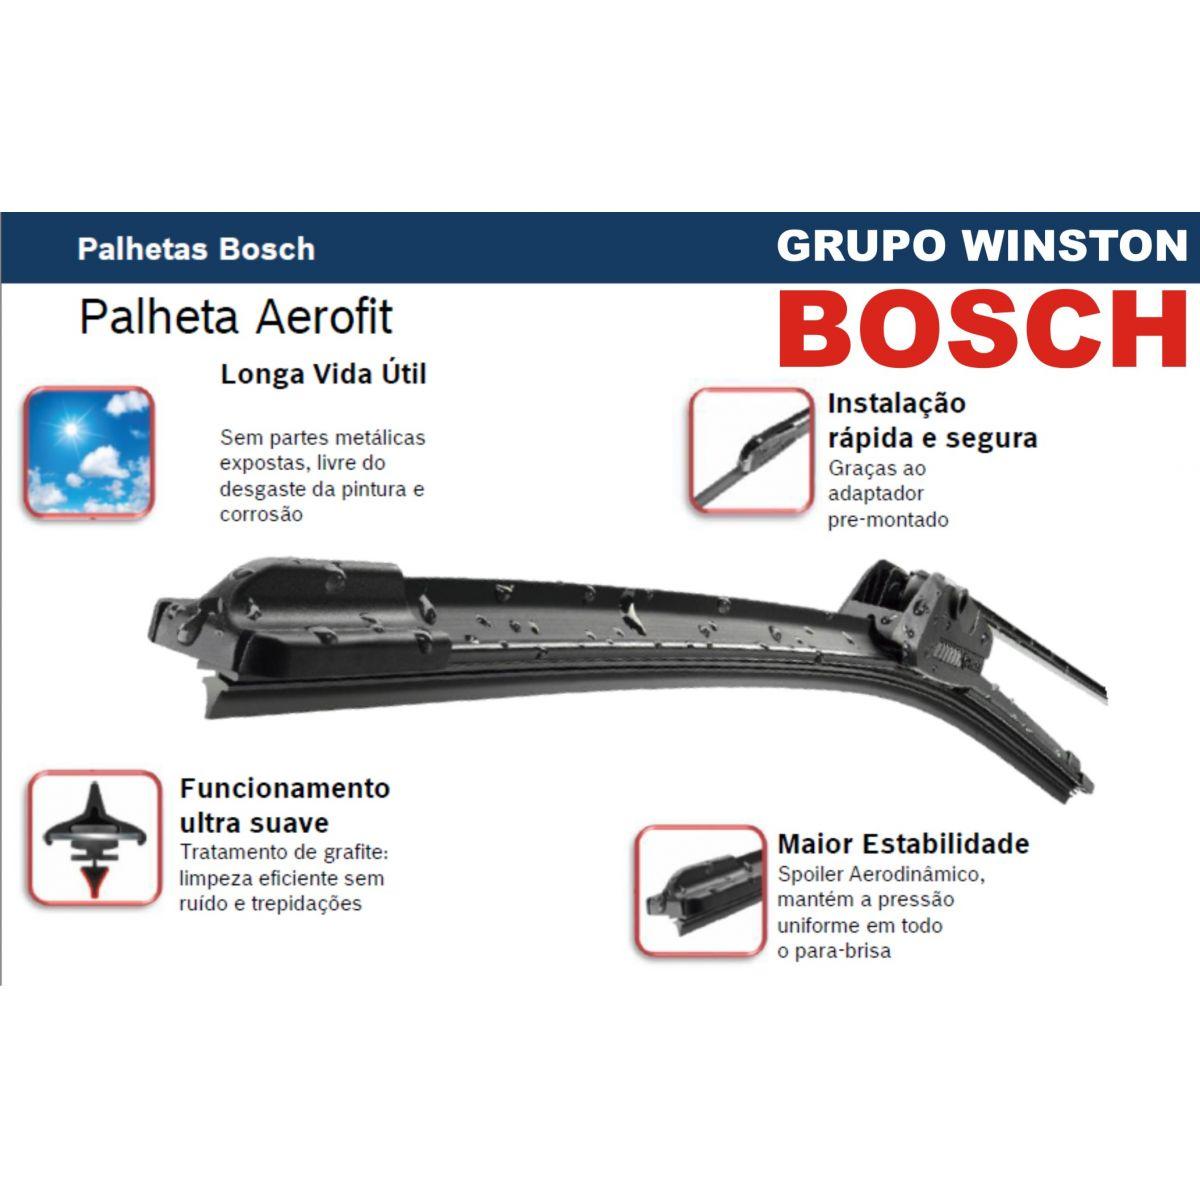 Palheta Bosch Aerofit Limpador de para brisa Bosch PEUGEOT 406